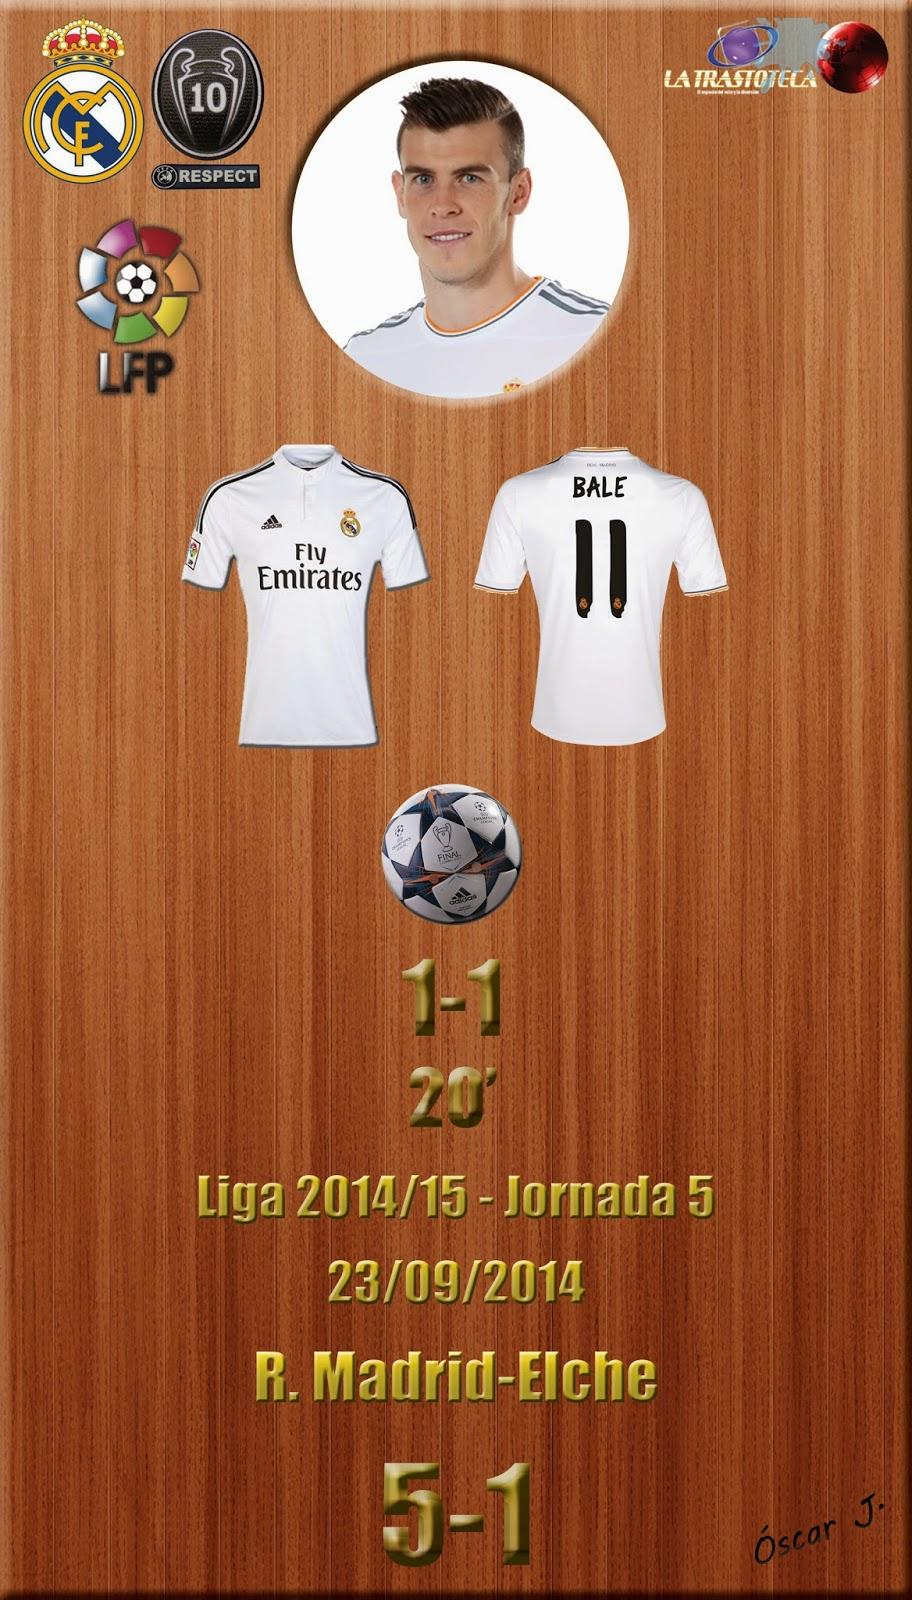 Bale (1-1) - Liga 2014/15. Jornada 5 (23/9/2014)